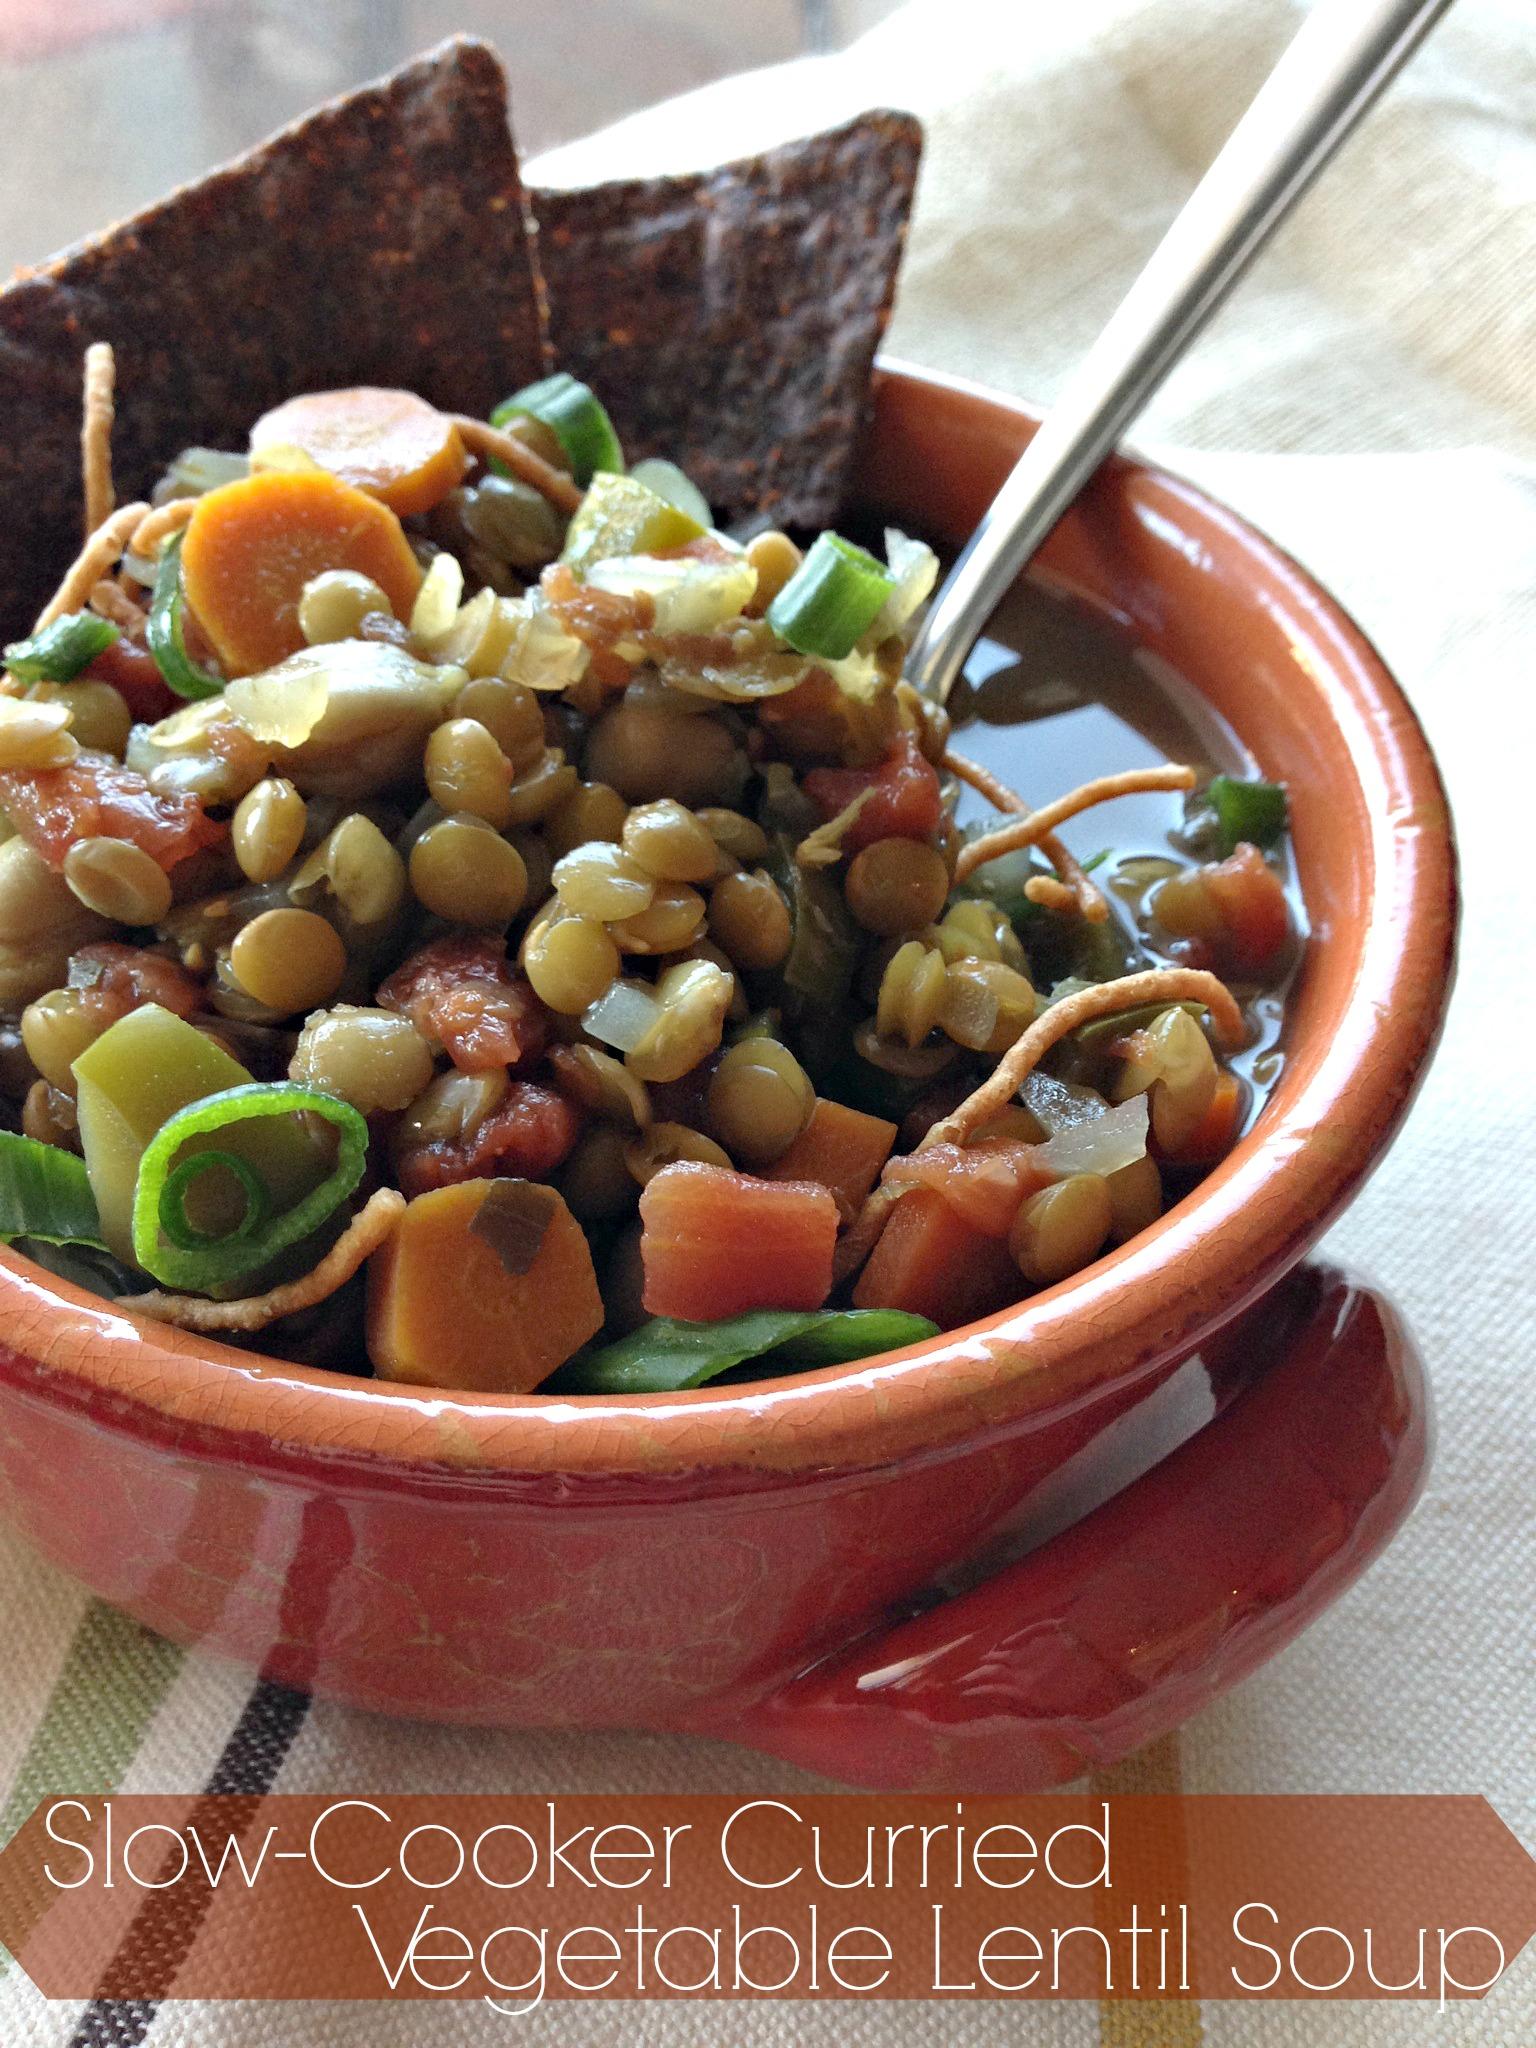 Slow-Cooker Curried Vegetable Lentil Soup